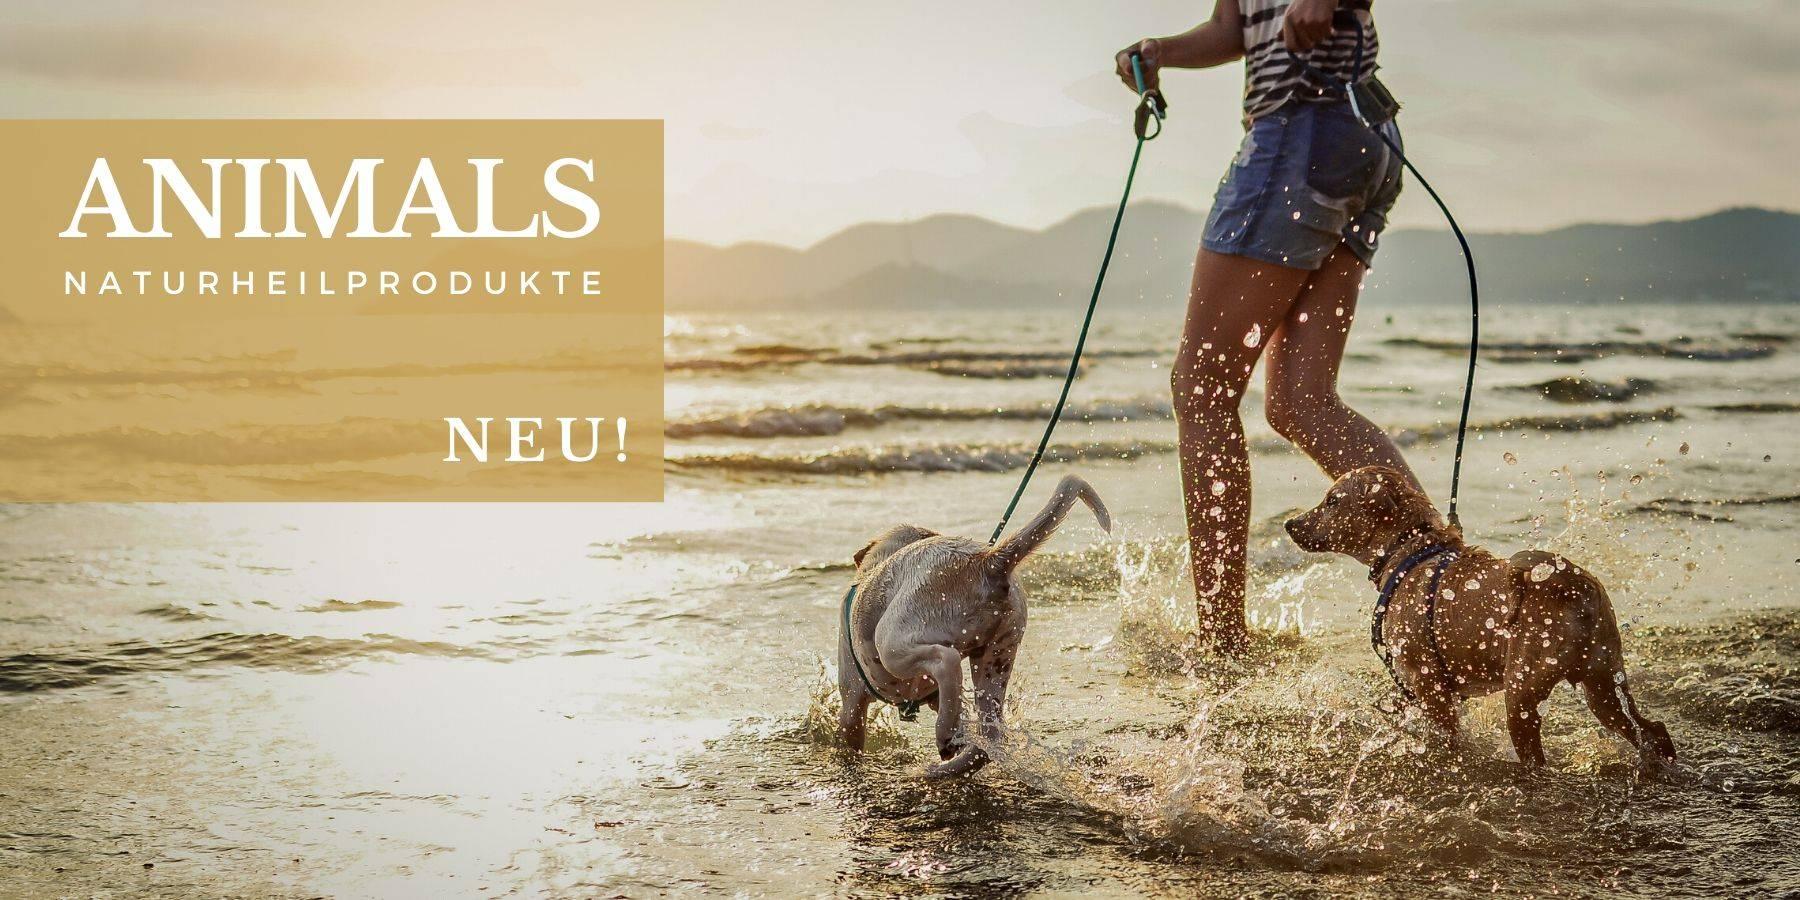 OSIRIUS® - Naturheilprodukte für Haustiere - Energy Group Animals Energy vet Tiergesundheit